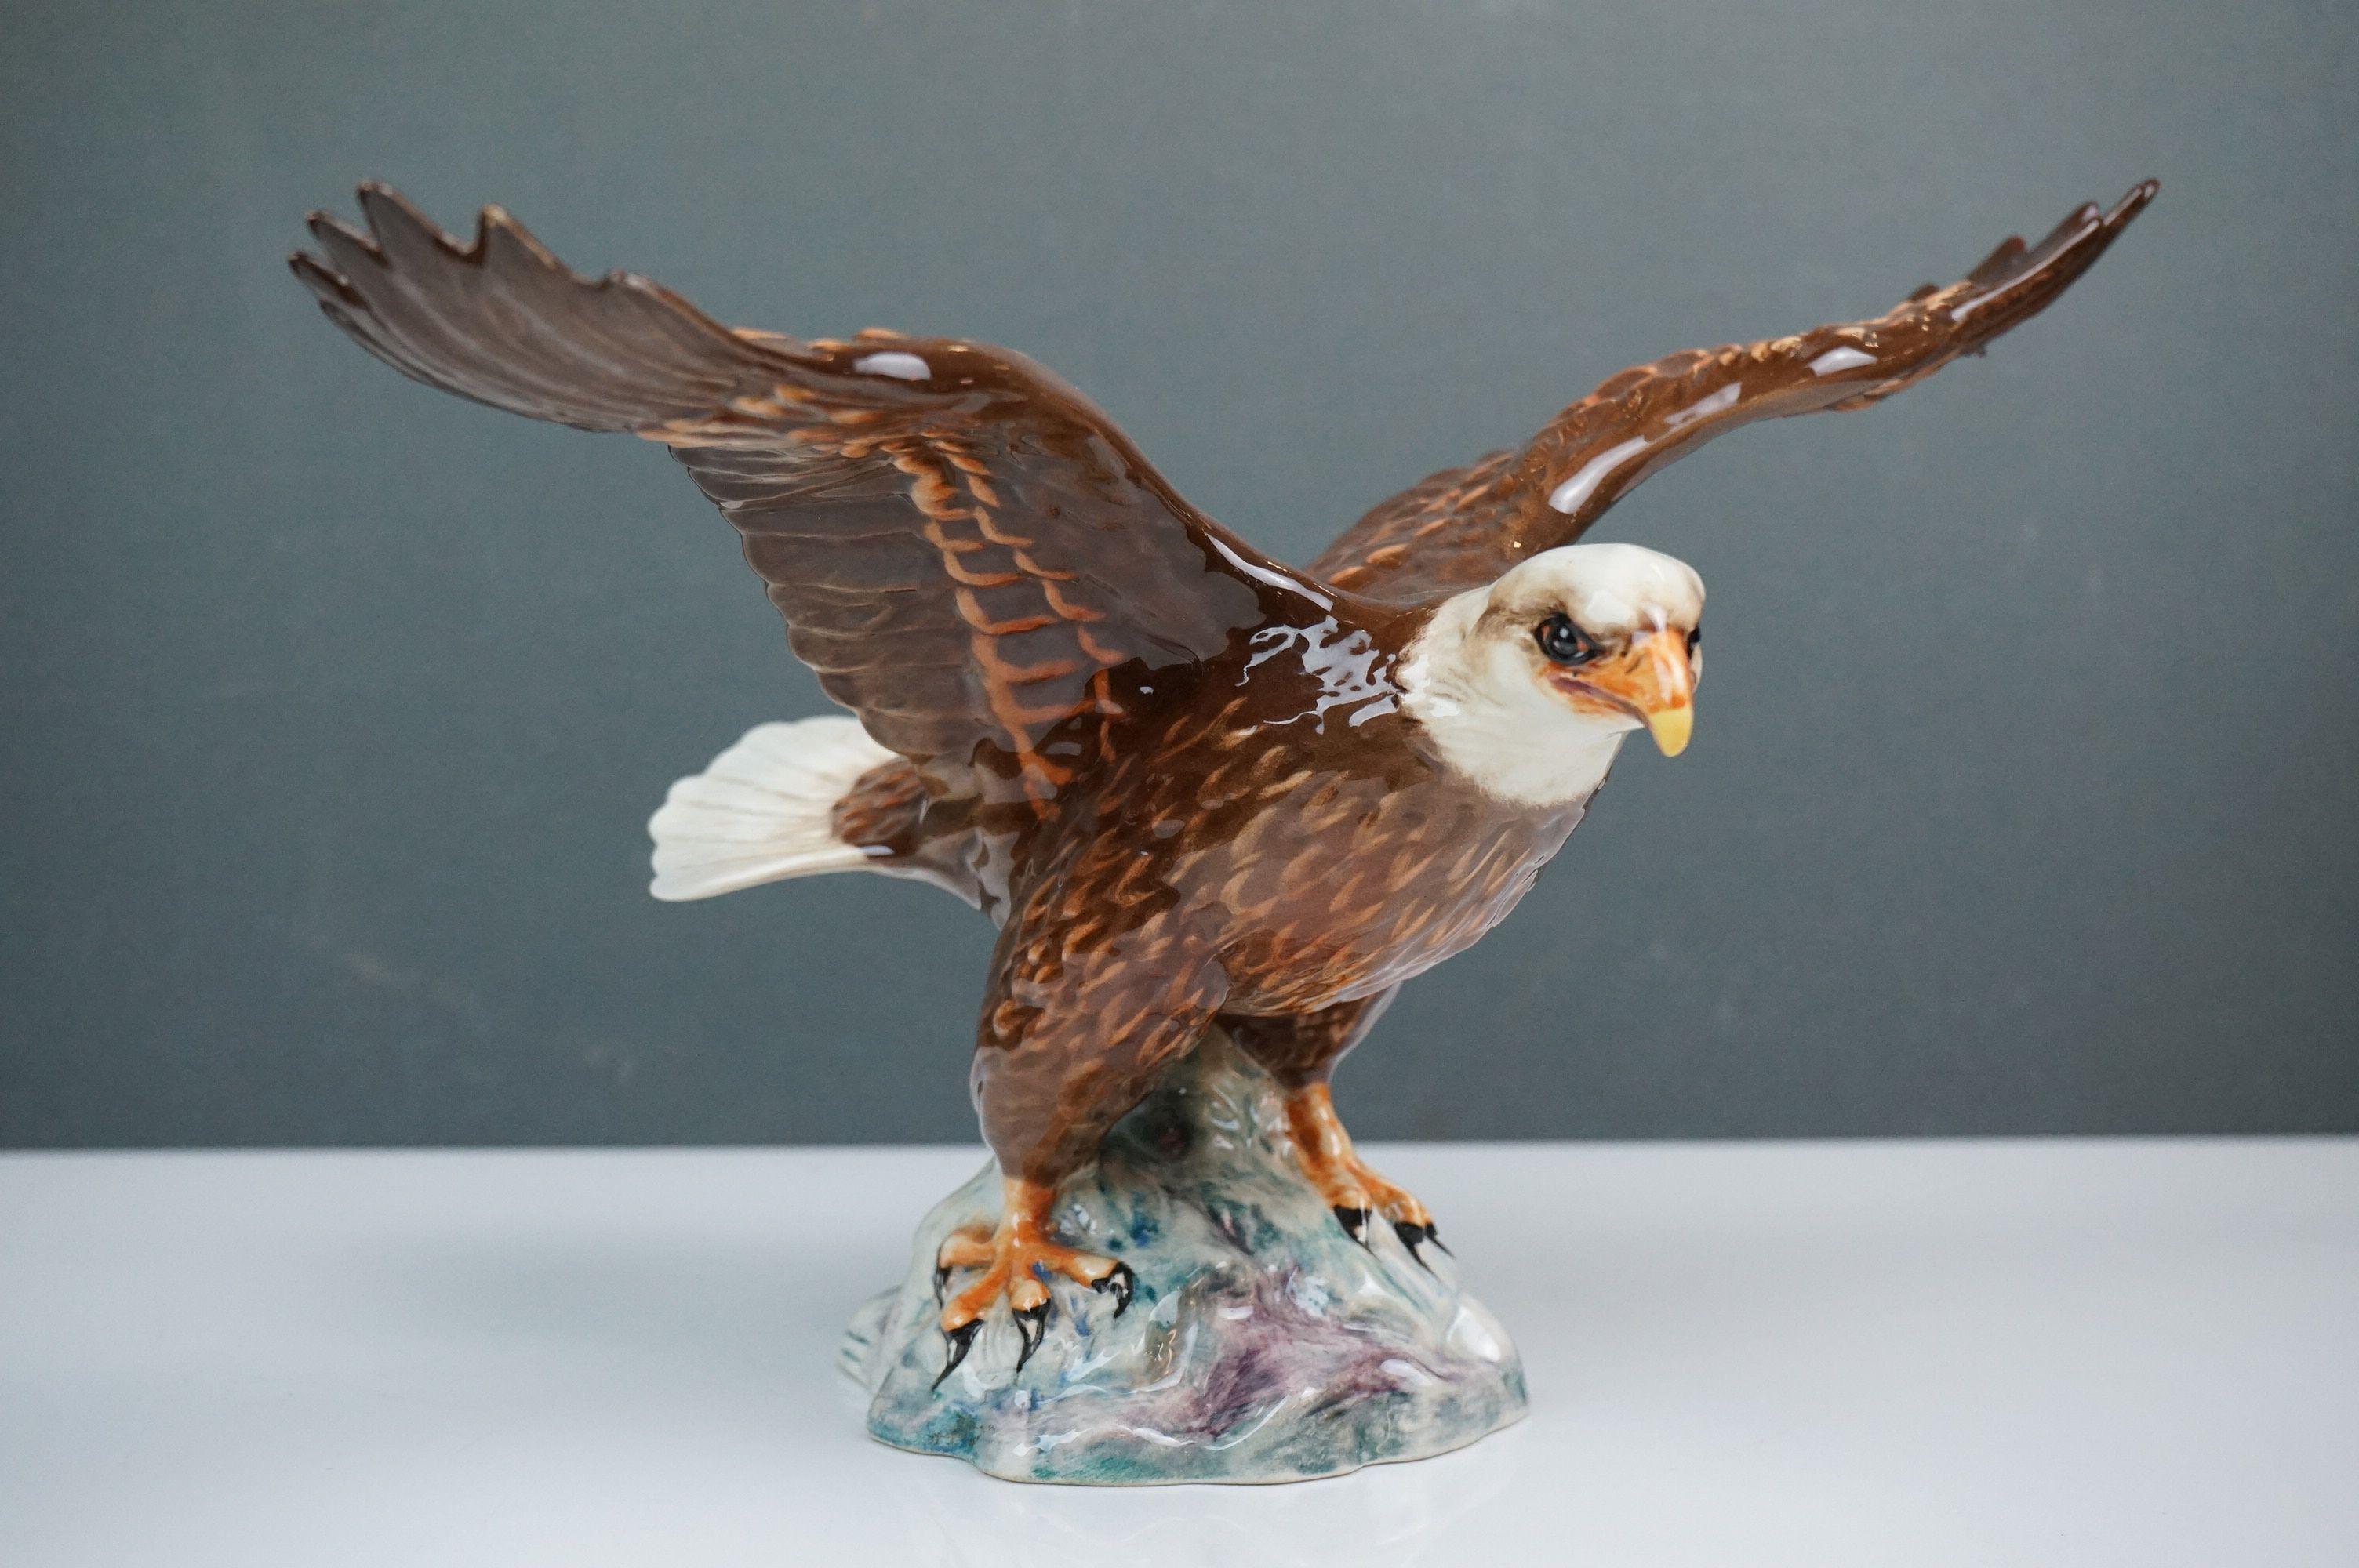 Beswick Eagle on Rock (no. 2307), Beswick Owl (no. 1046a) and Beswick Kingfisher (no. 2371) - Image 2 of 11